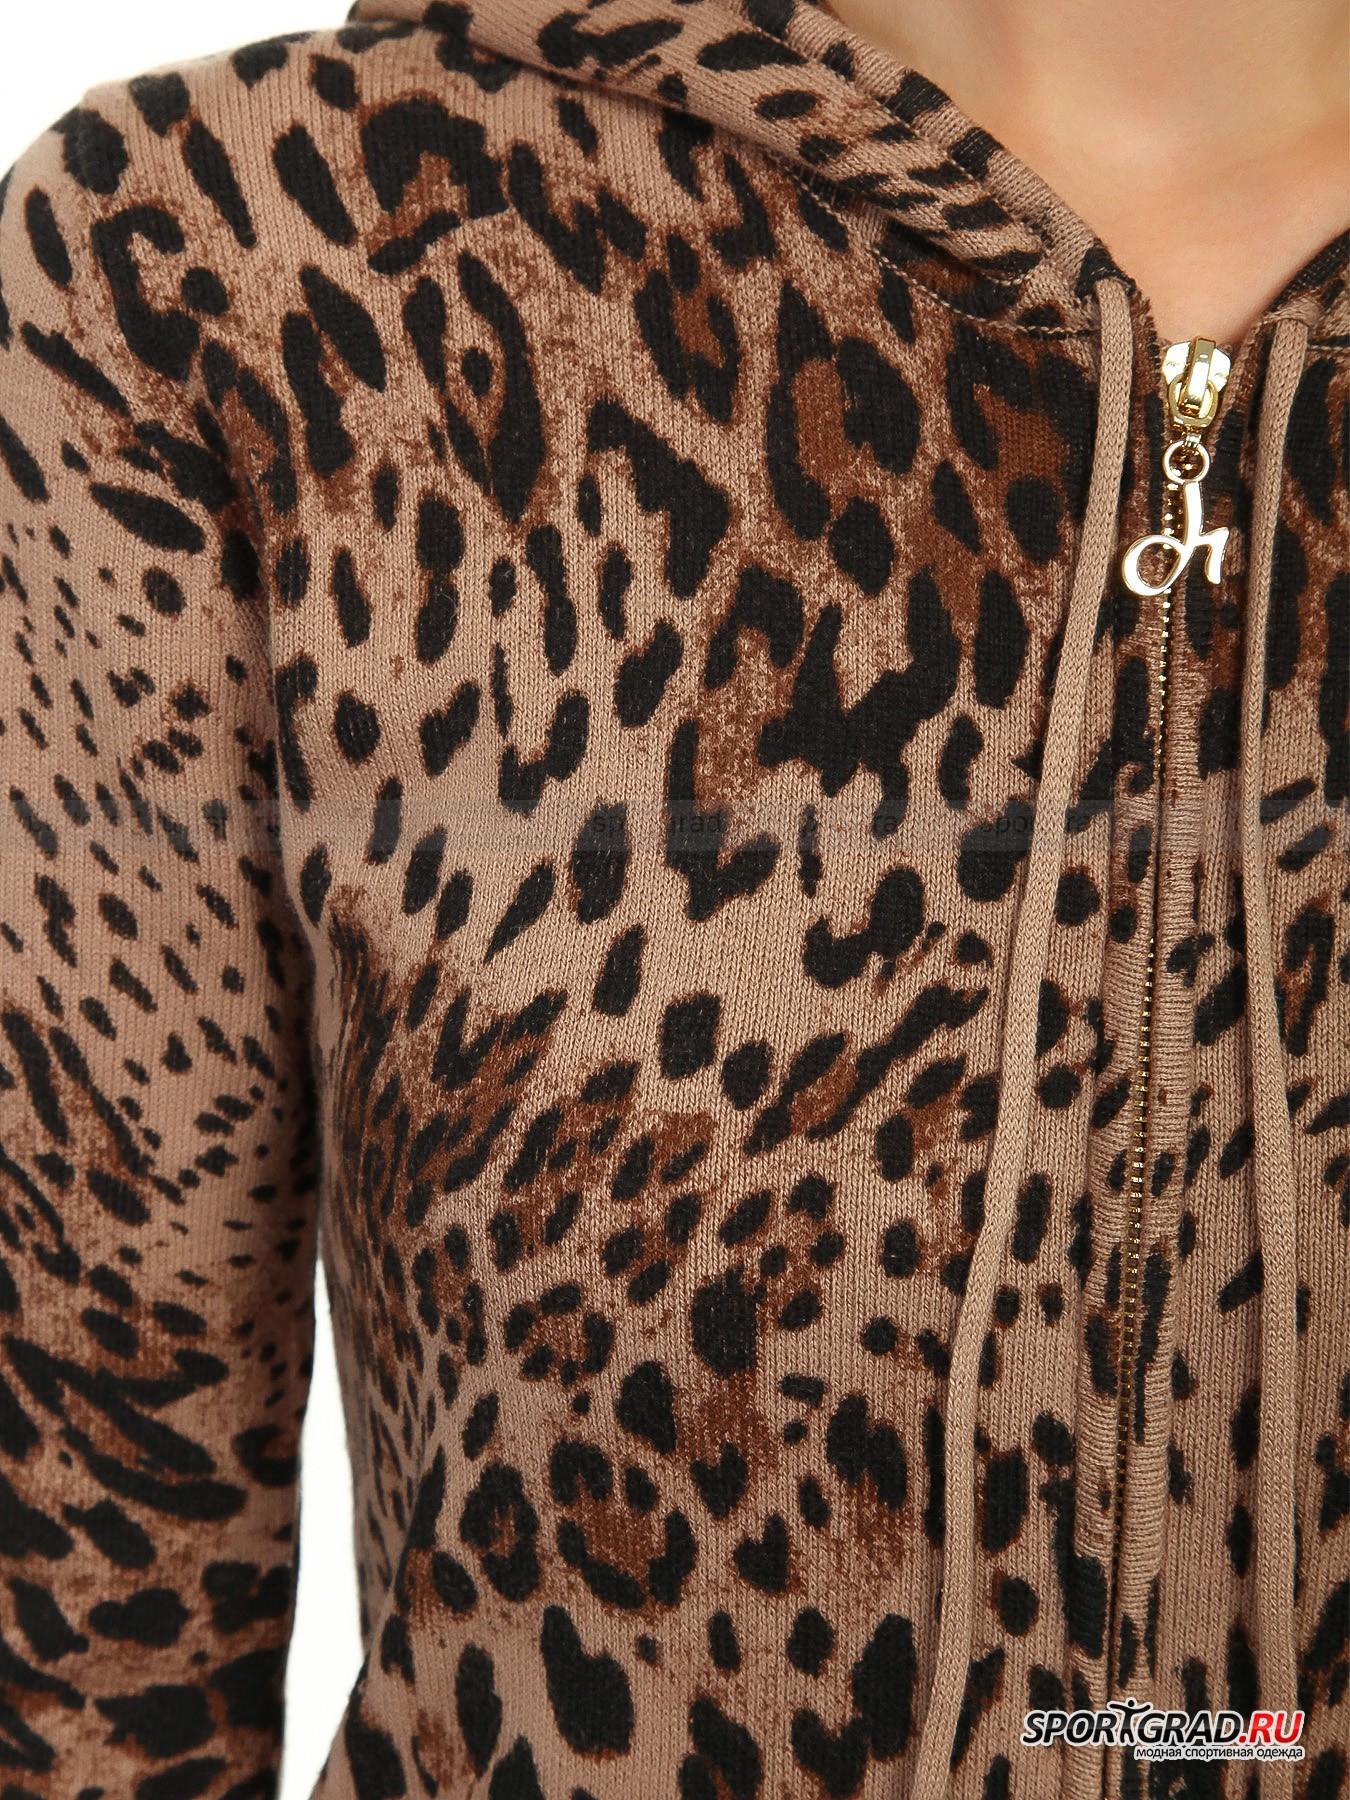 Кардиган женский DEHA с леопардовым узором от Спортград